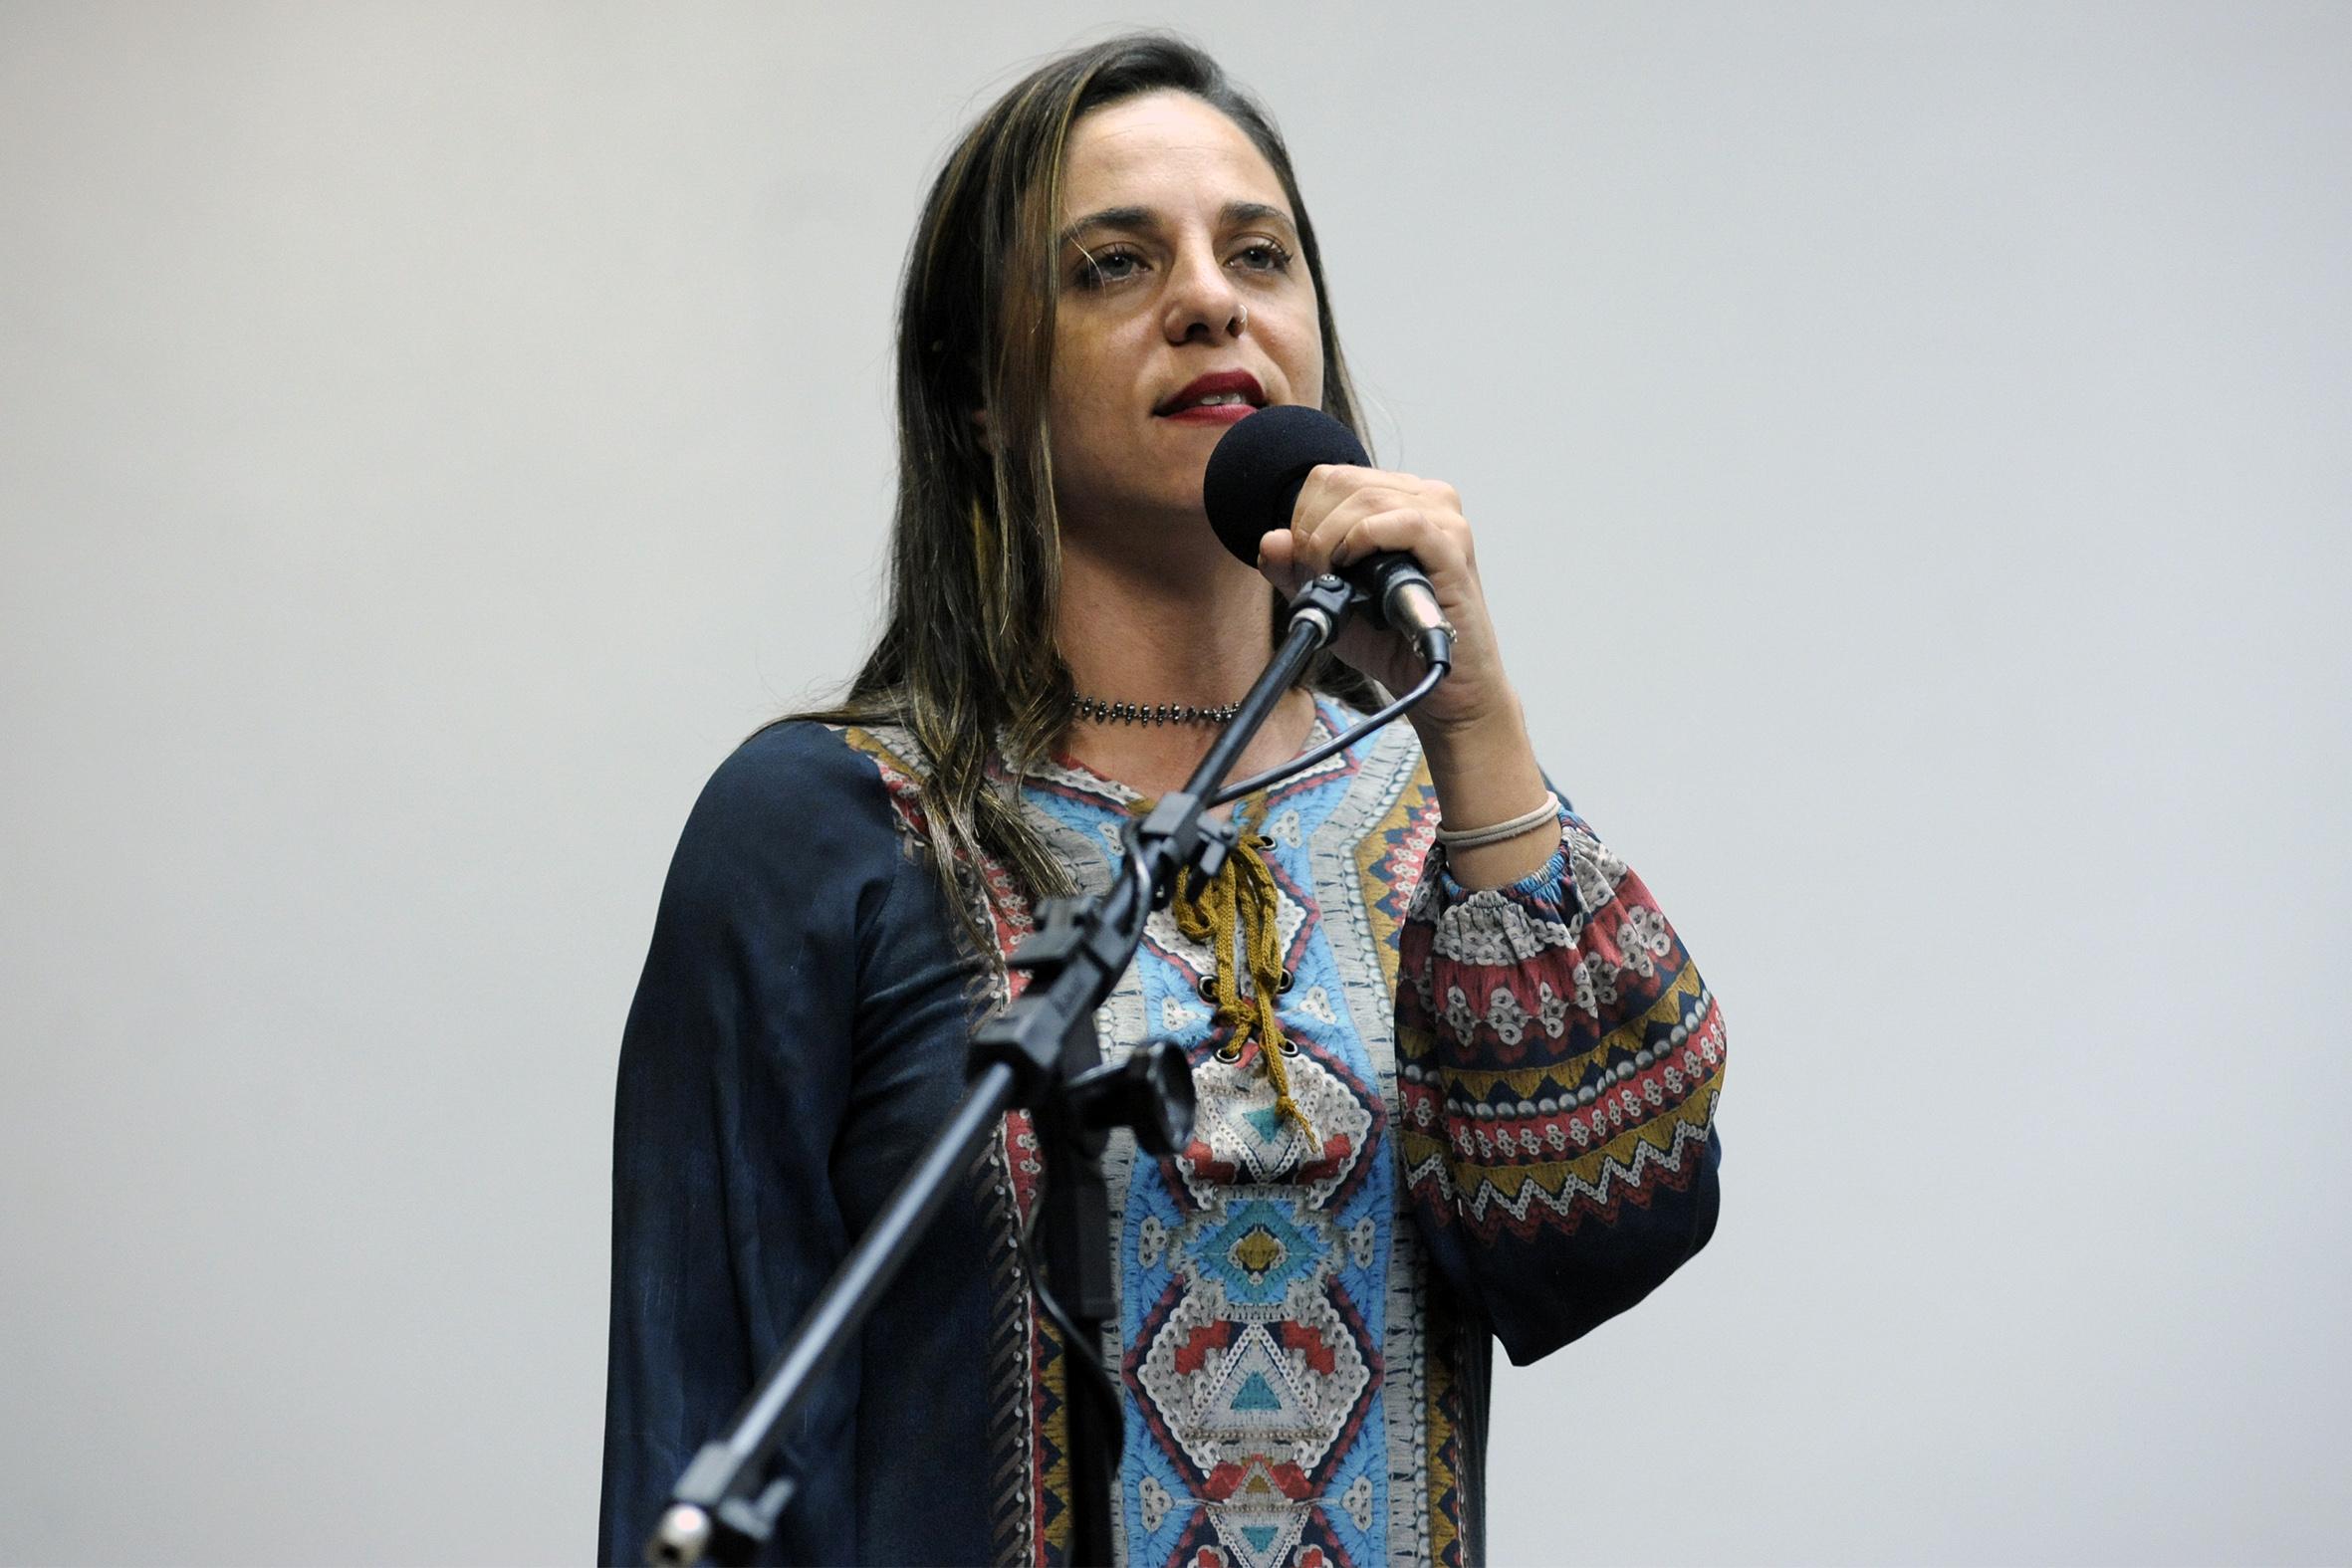 Deputada Fernanda Melchionna (PSOL/RS) participa em Santa Maria de atividades sobre Reforma da Previdência, Estado e Democracia